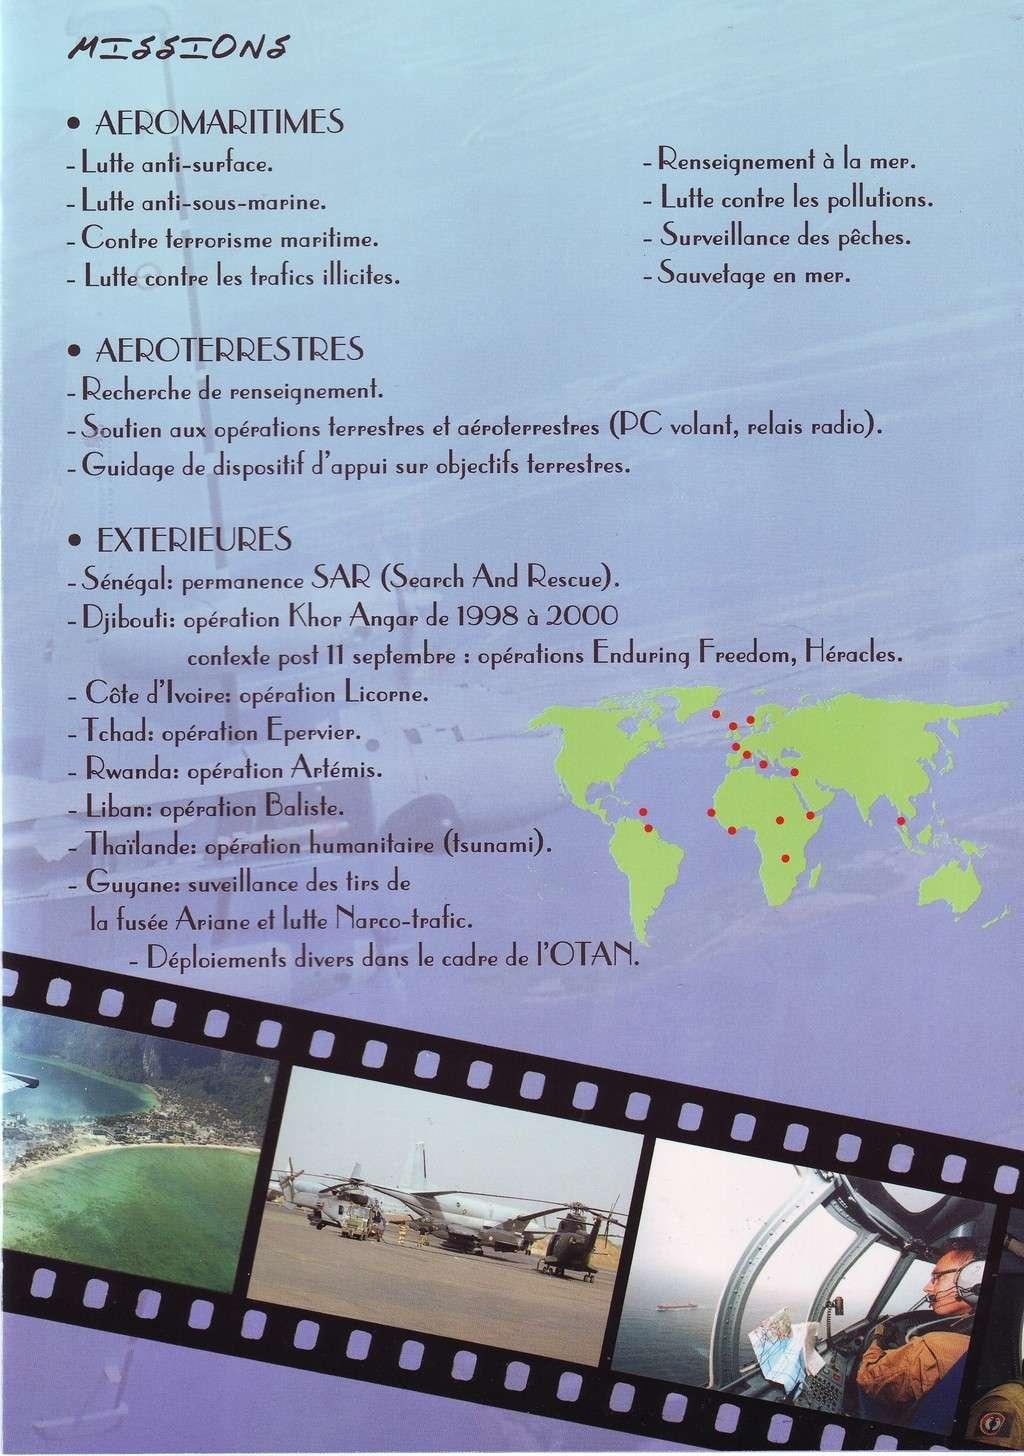 FLOTTILLE 21 F - Page 6 Plaque12